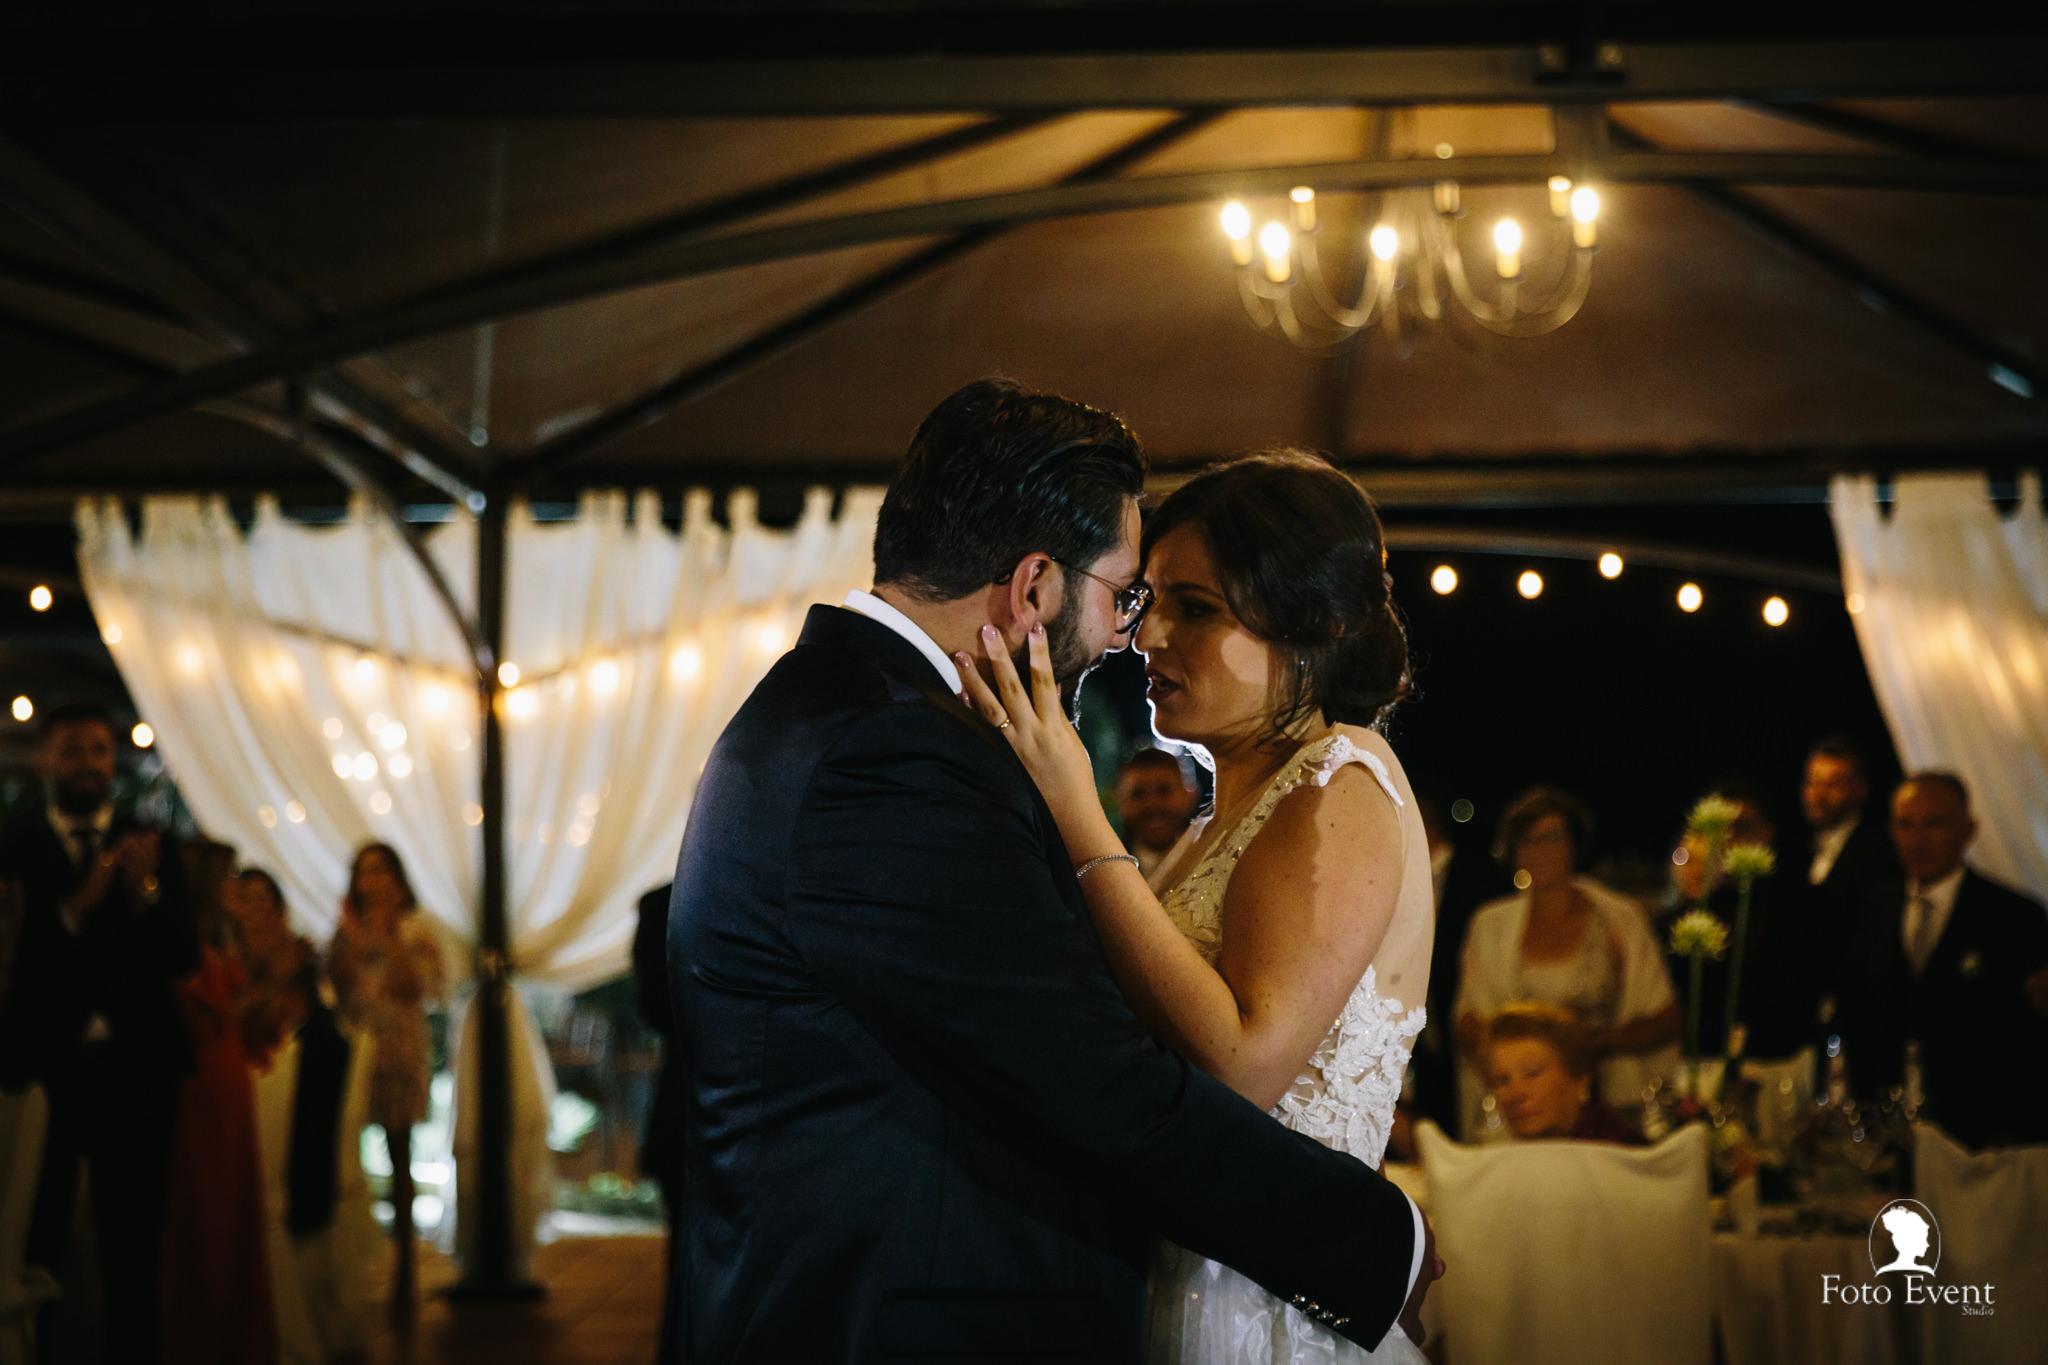 039-2019-09-09-Matrimonio-Dorotea-e-Alberto-Iemmolo-5DE-1241